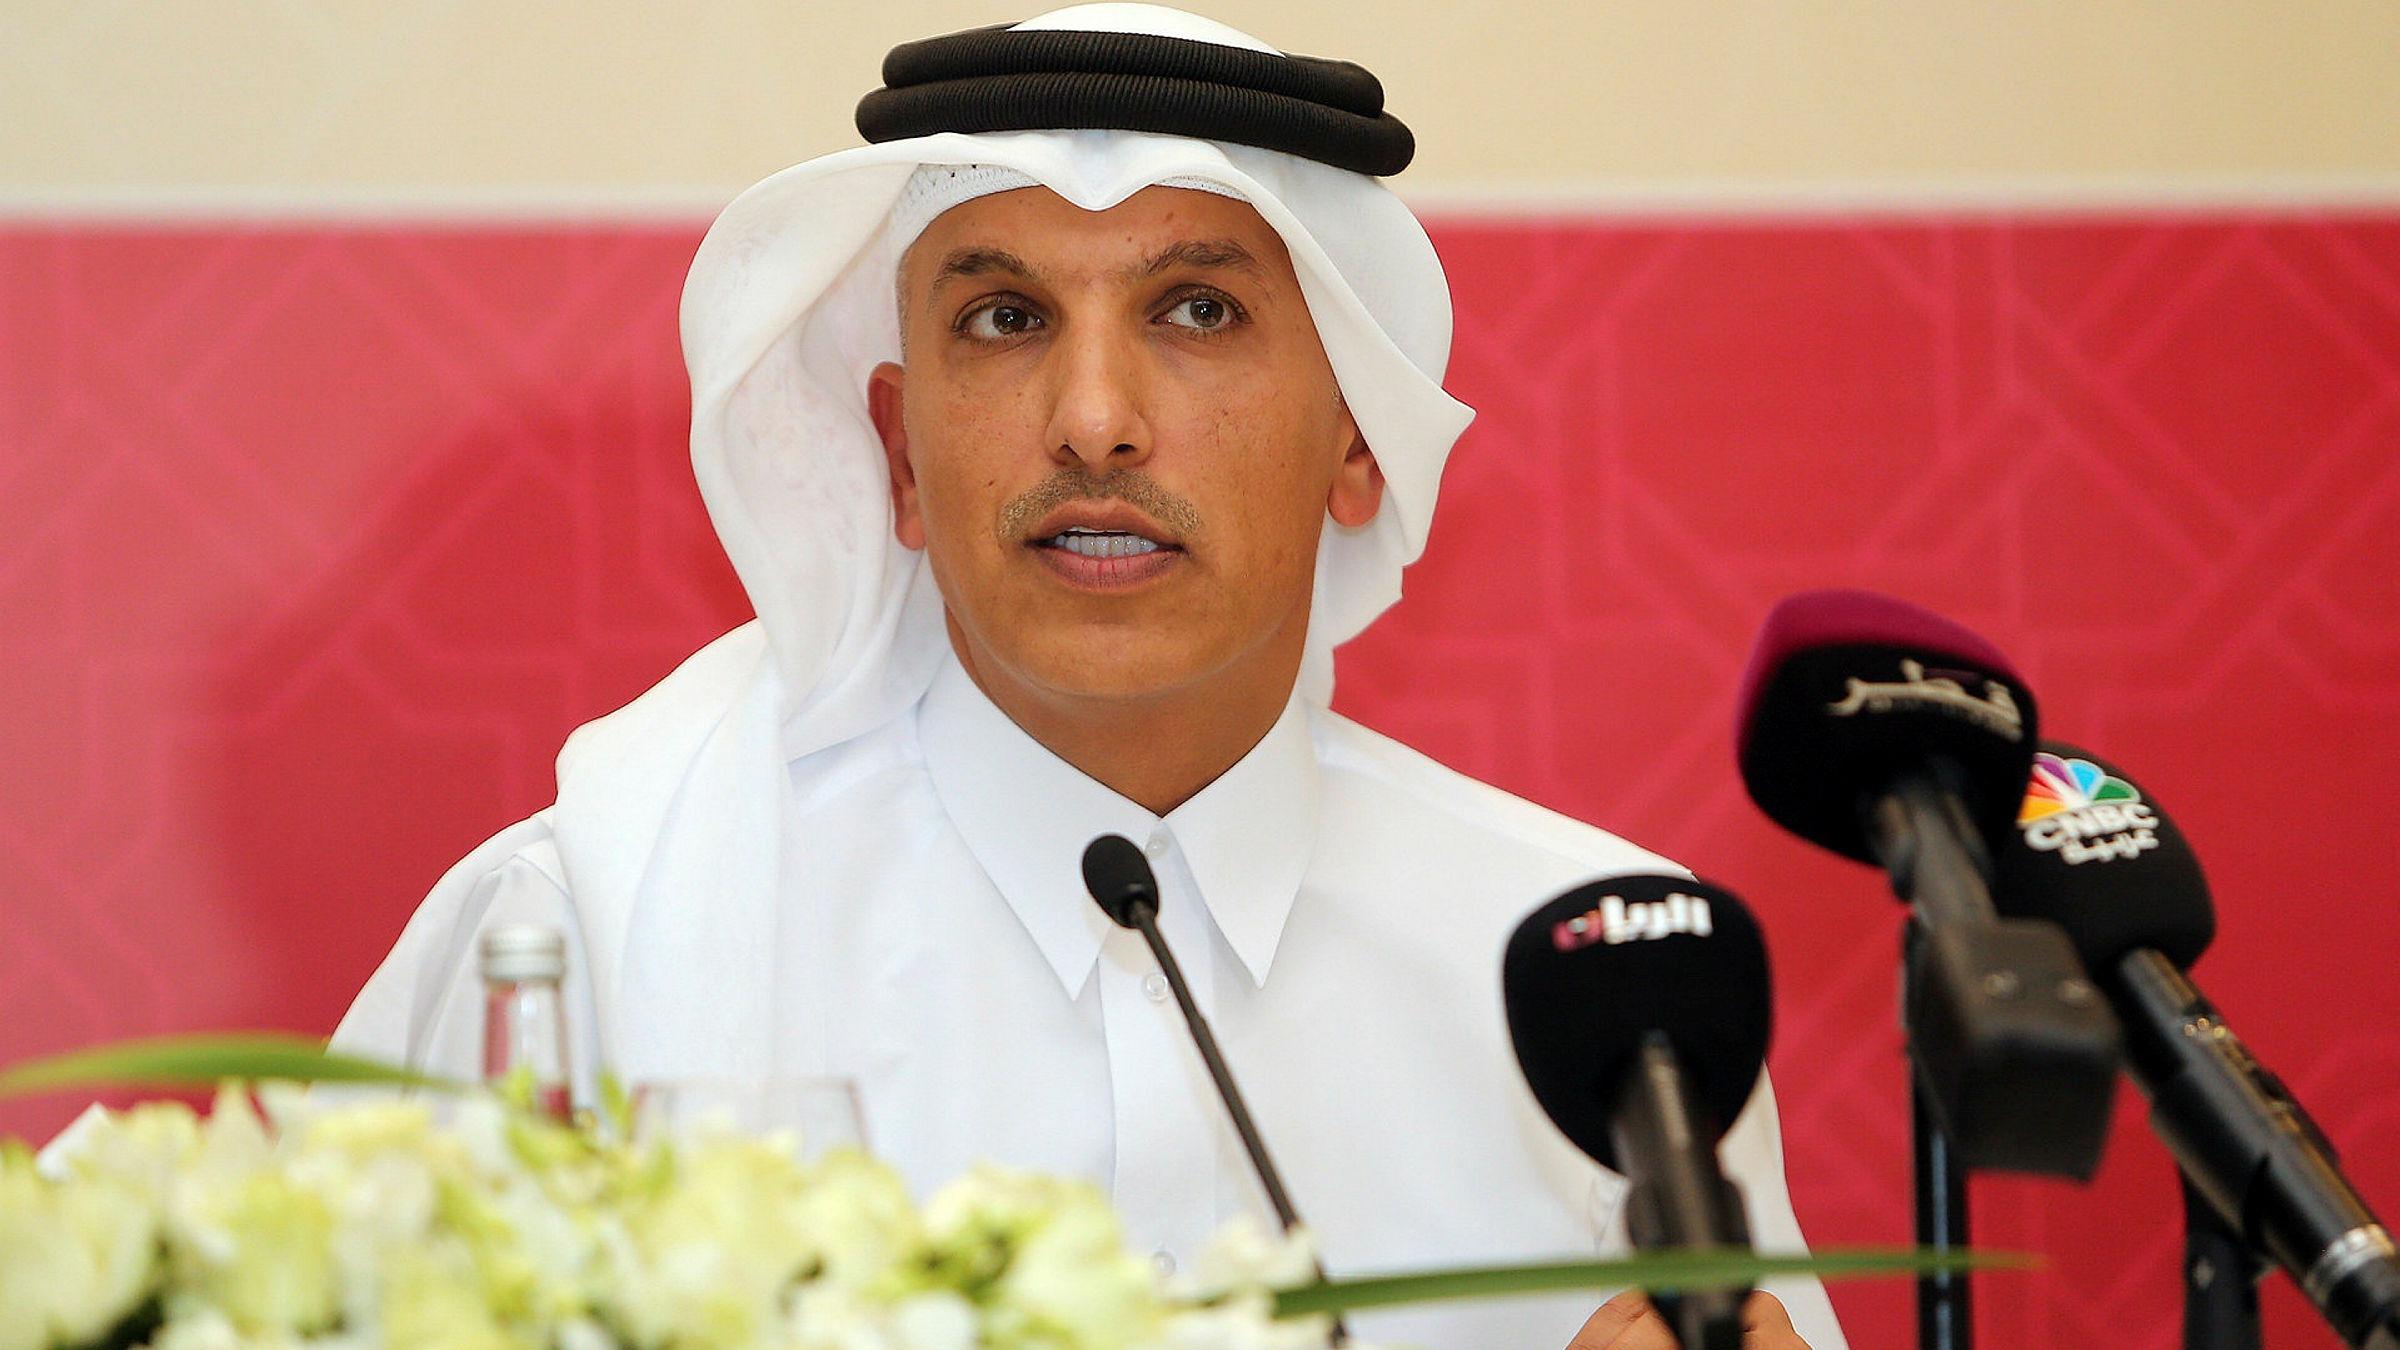 Le ministre qatari des Finances Ali Cherif al-Emadi a été arrêté pour abus de pouvoir et détournement de fonds publics